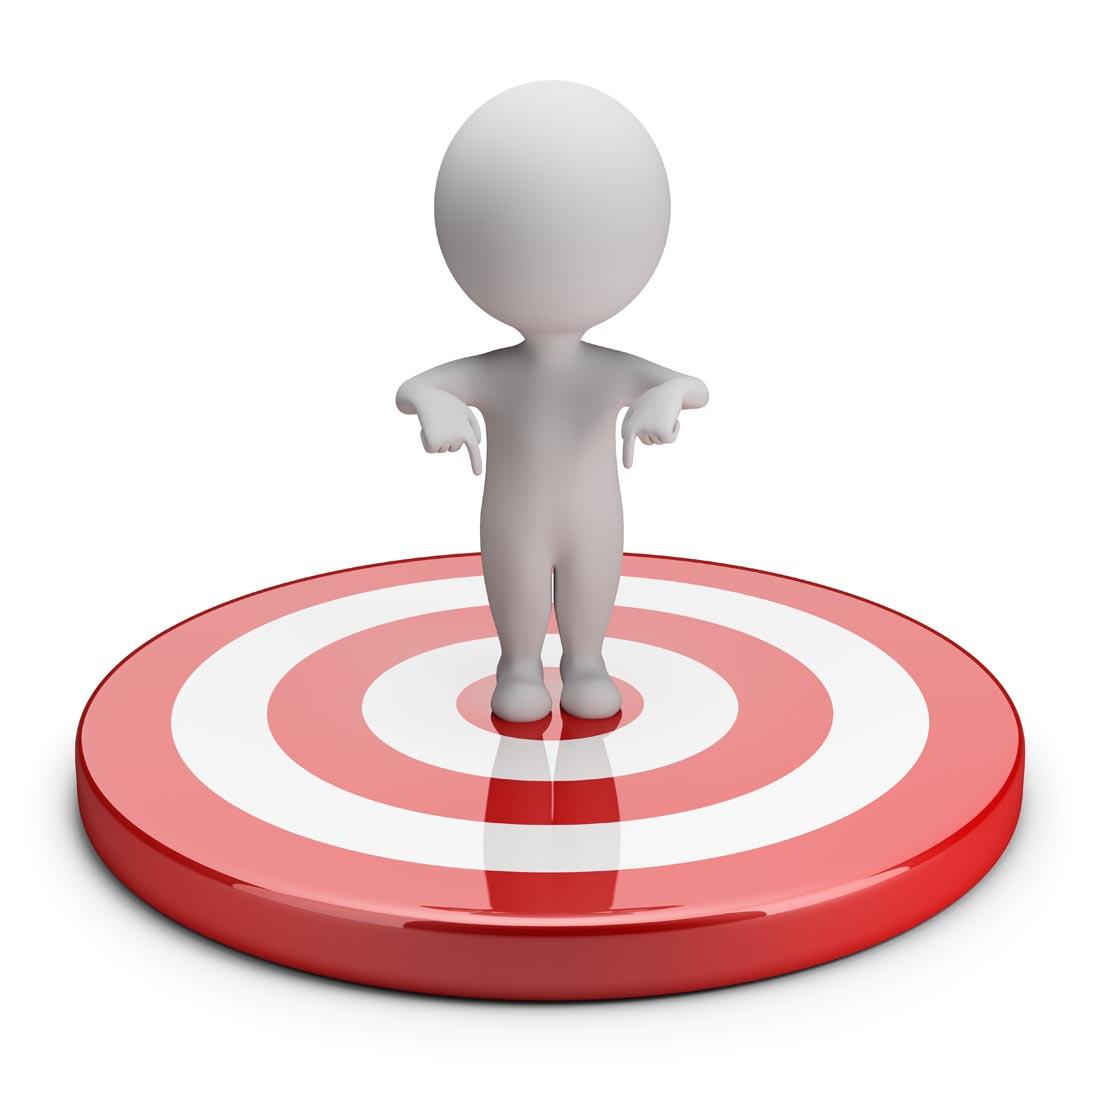 创意3D小人设计标靶PPT背景图片免费下载是由PPT宝藏(www.pptbz.com)会员zengmin上传推荐的商务PPT背景图片, 更新时间为2017-01-13,素材编号119049。 标靶 Target,供做射击目标的物品,可以是靶纸、木材上的一块白斑、铁罐等。 标靶的种类一般按照制作材料来分类,主要的种类有纸靶、塑料靶、磁性靶、电子靶、痳靶等 上一页: